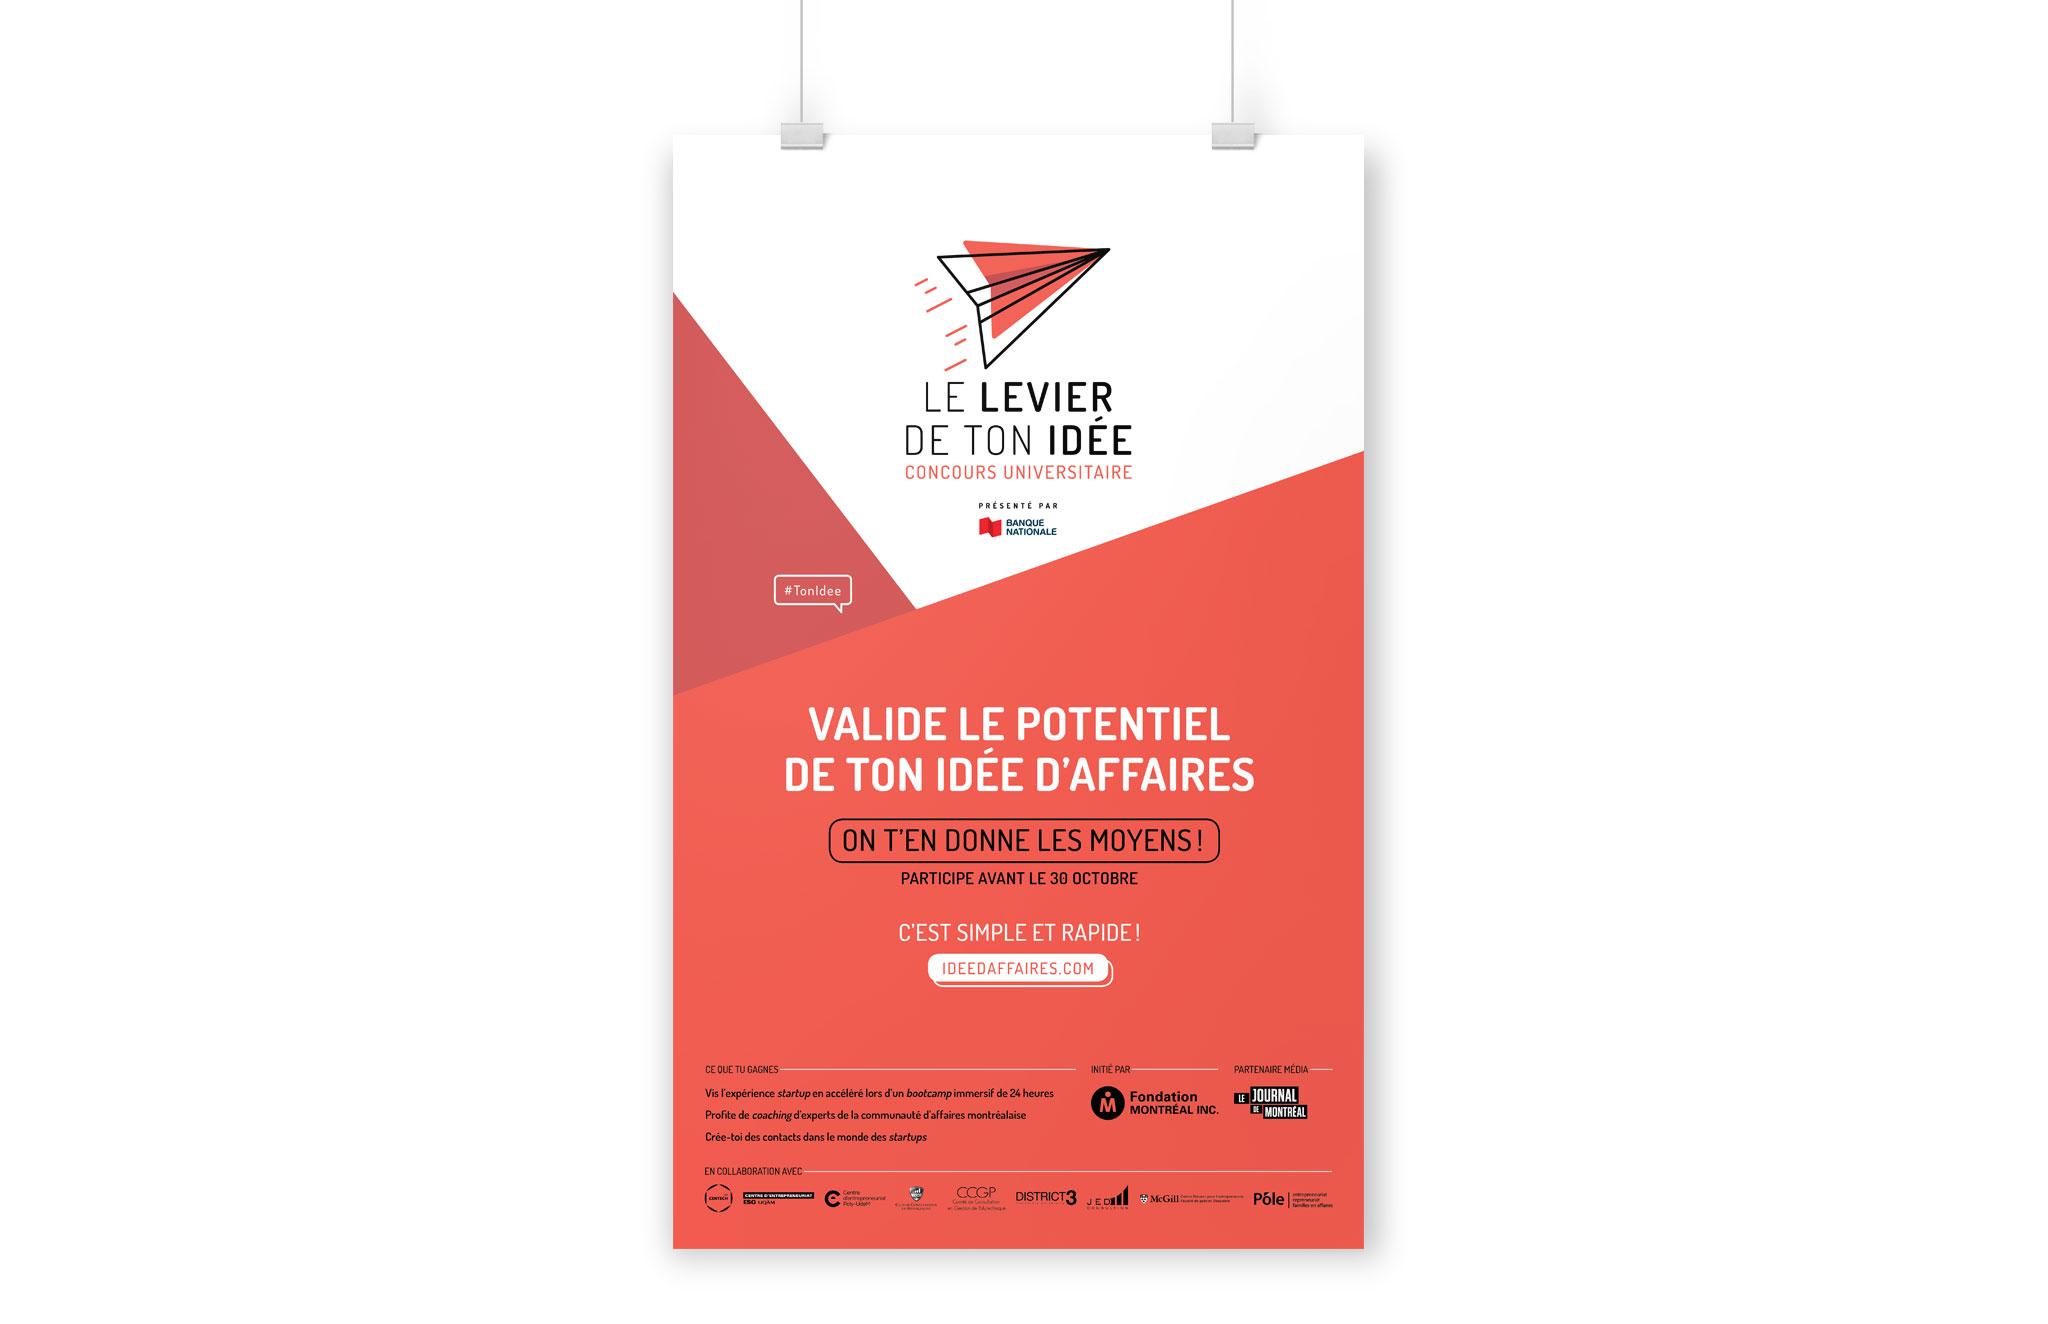 Identité visuelle du concours universitaire - Le levier de ton idée organisé par la Fondation Montréal inc.